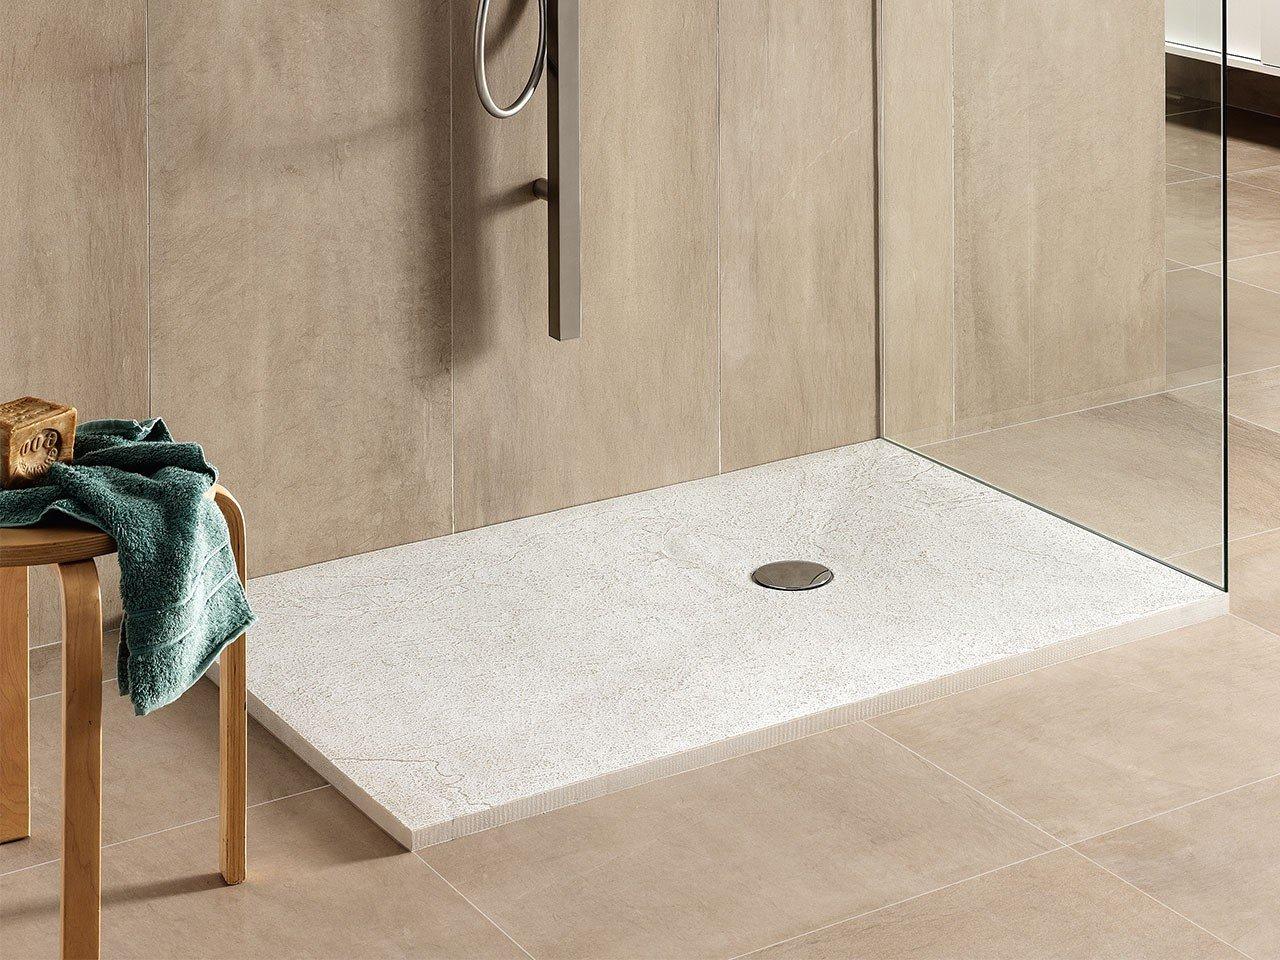 Vasca Da Bagno Ottimax : Piatto doccia in mosaico. extrmement piastrelle bagno mosaico doccia